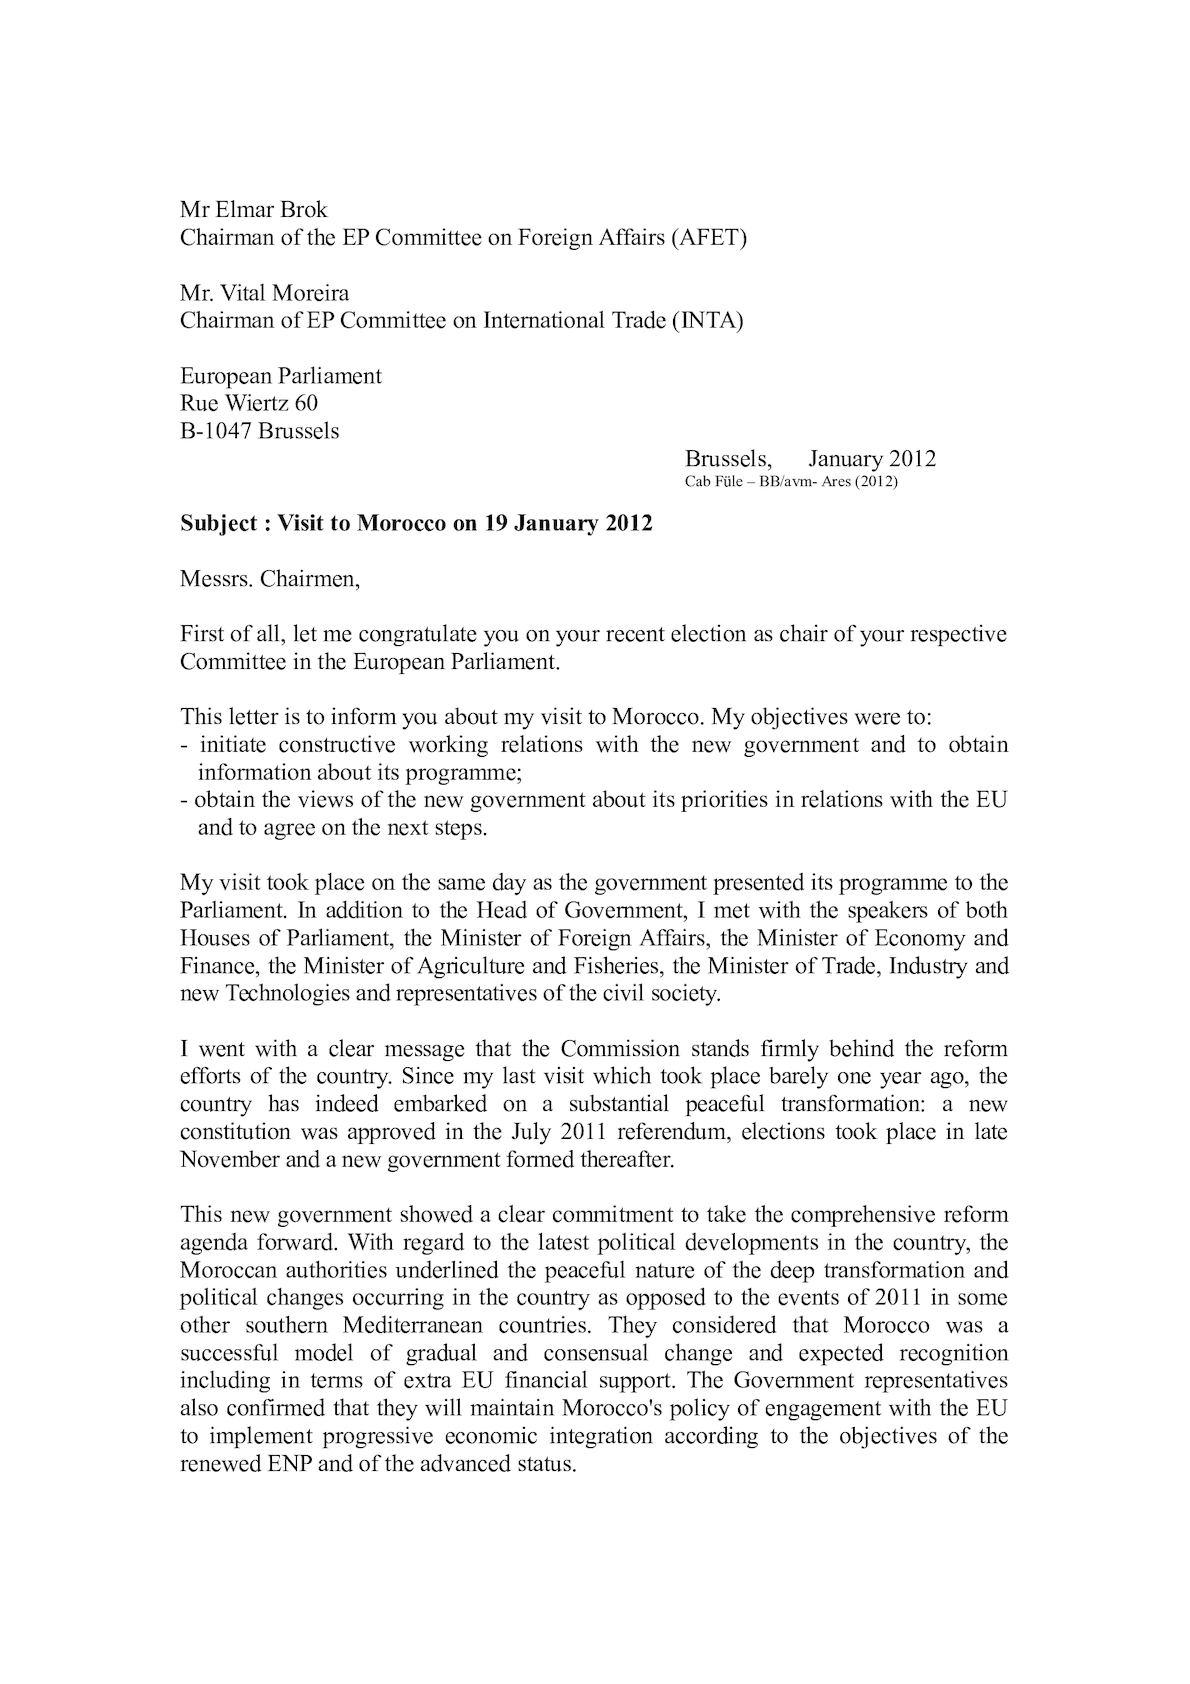 111213 Letter To Mr Brok AFET Mr Moreira INTA